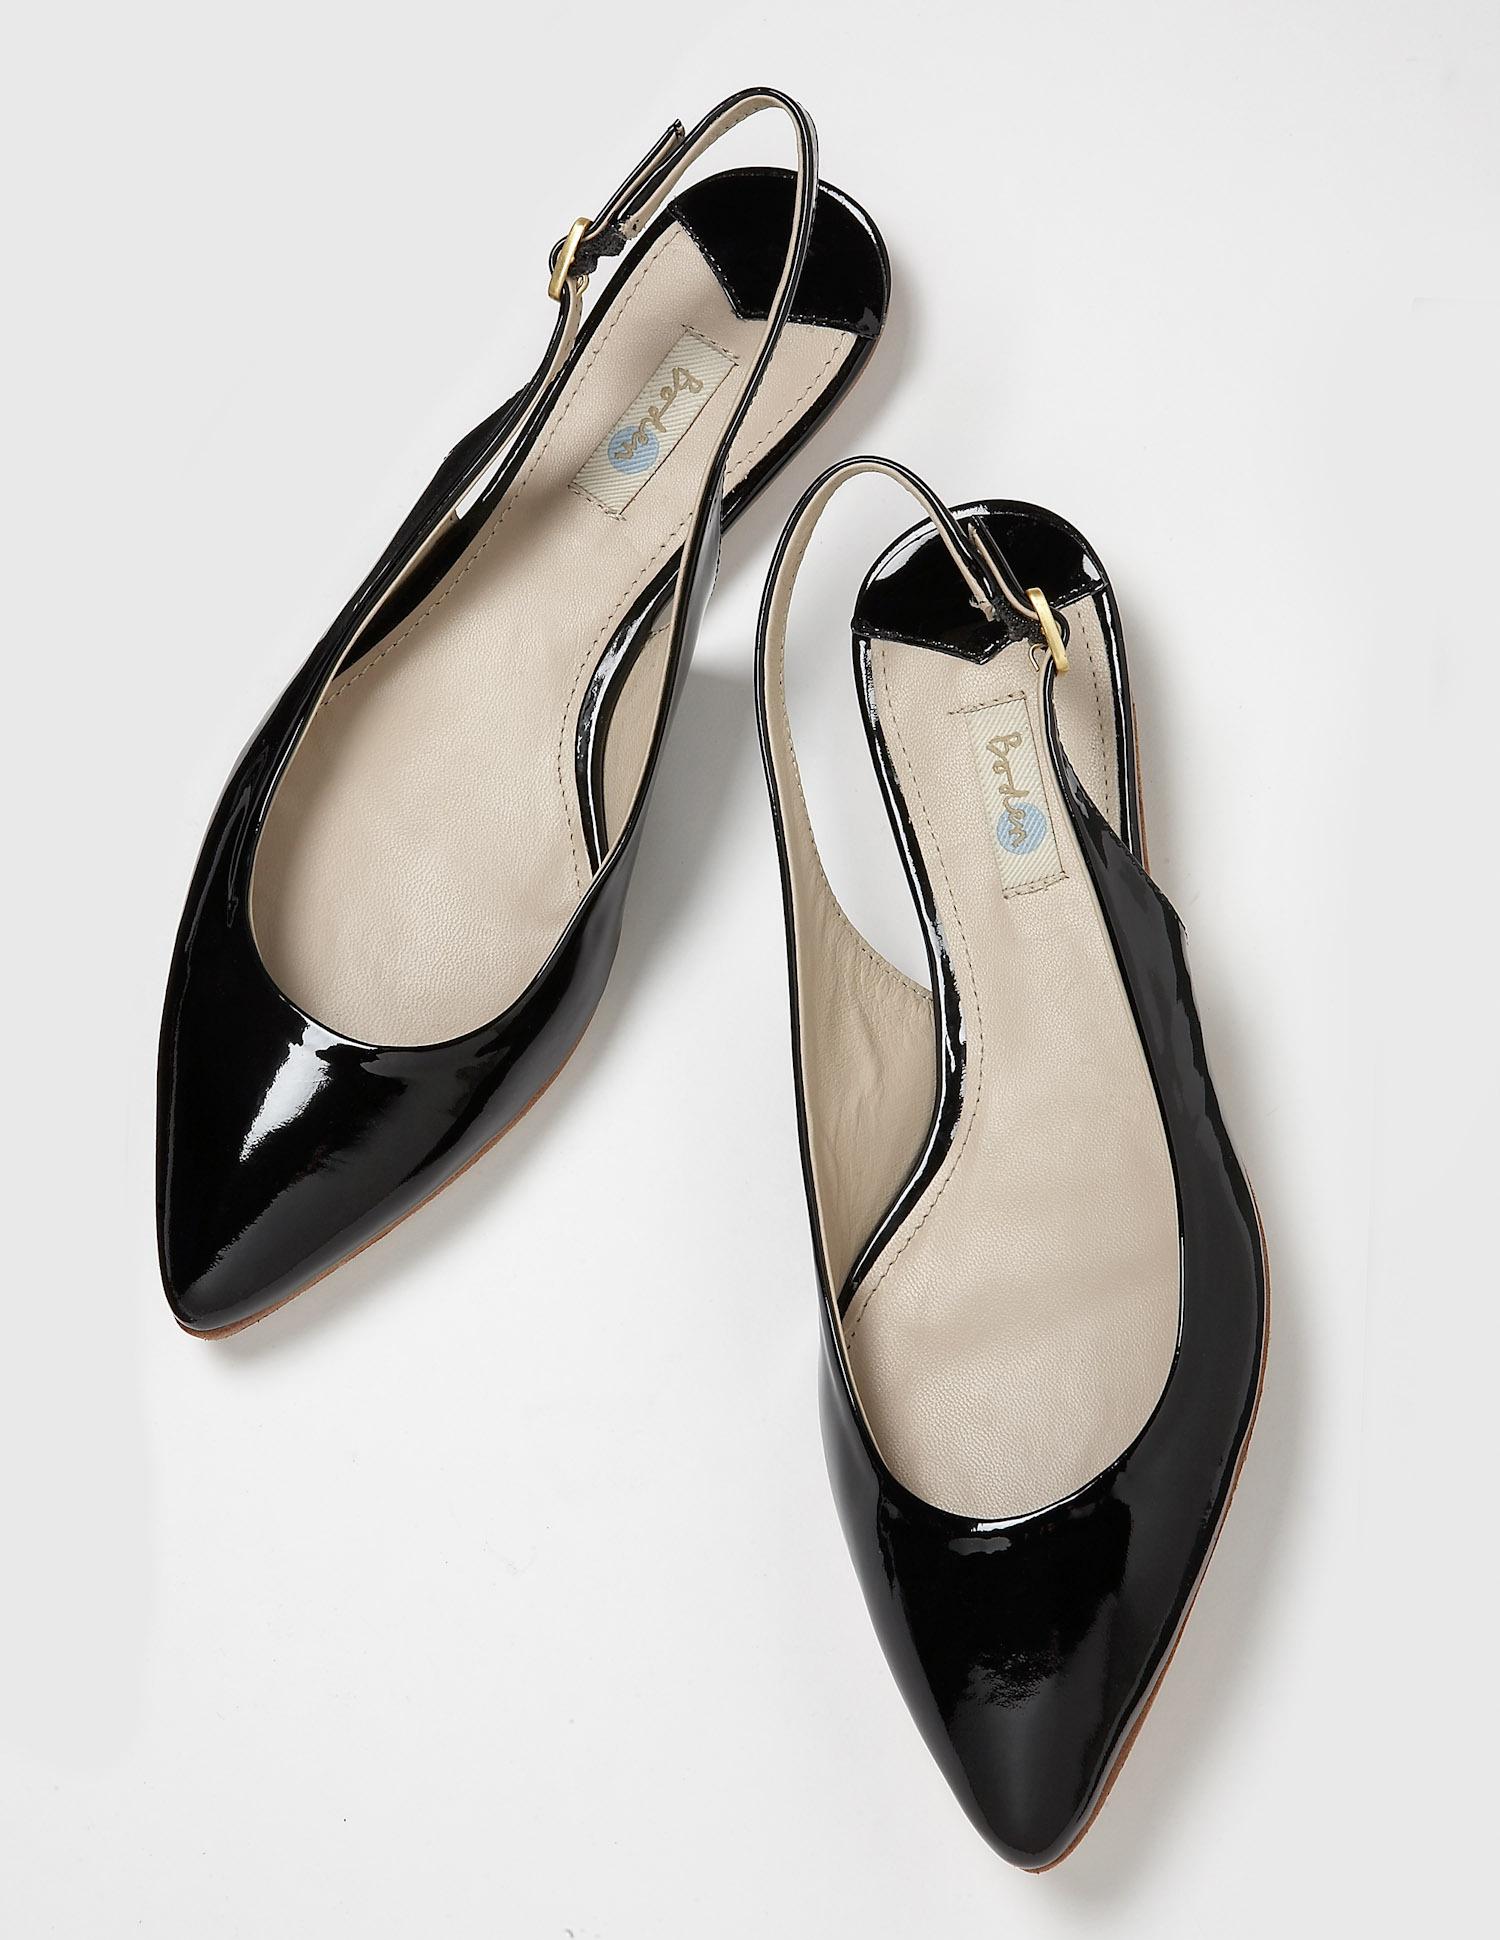 والاحذية Boden 2014 367993.jpg